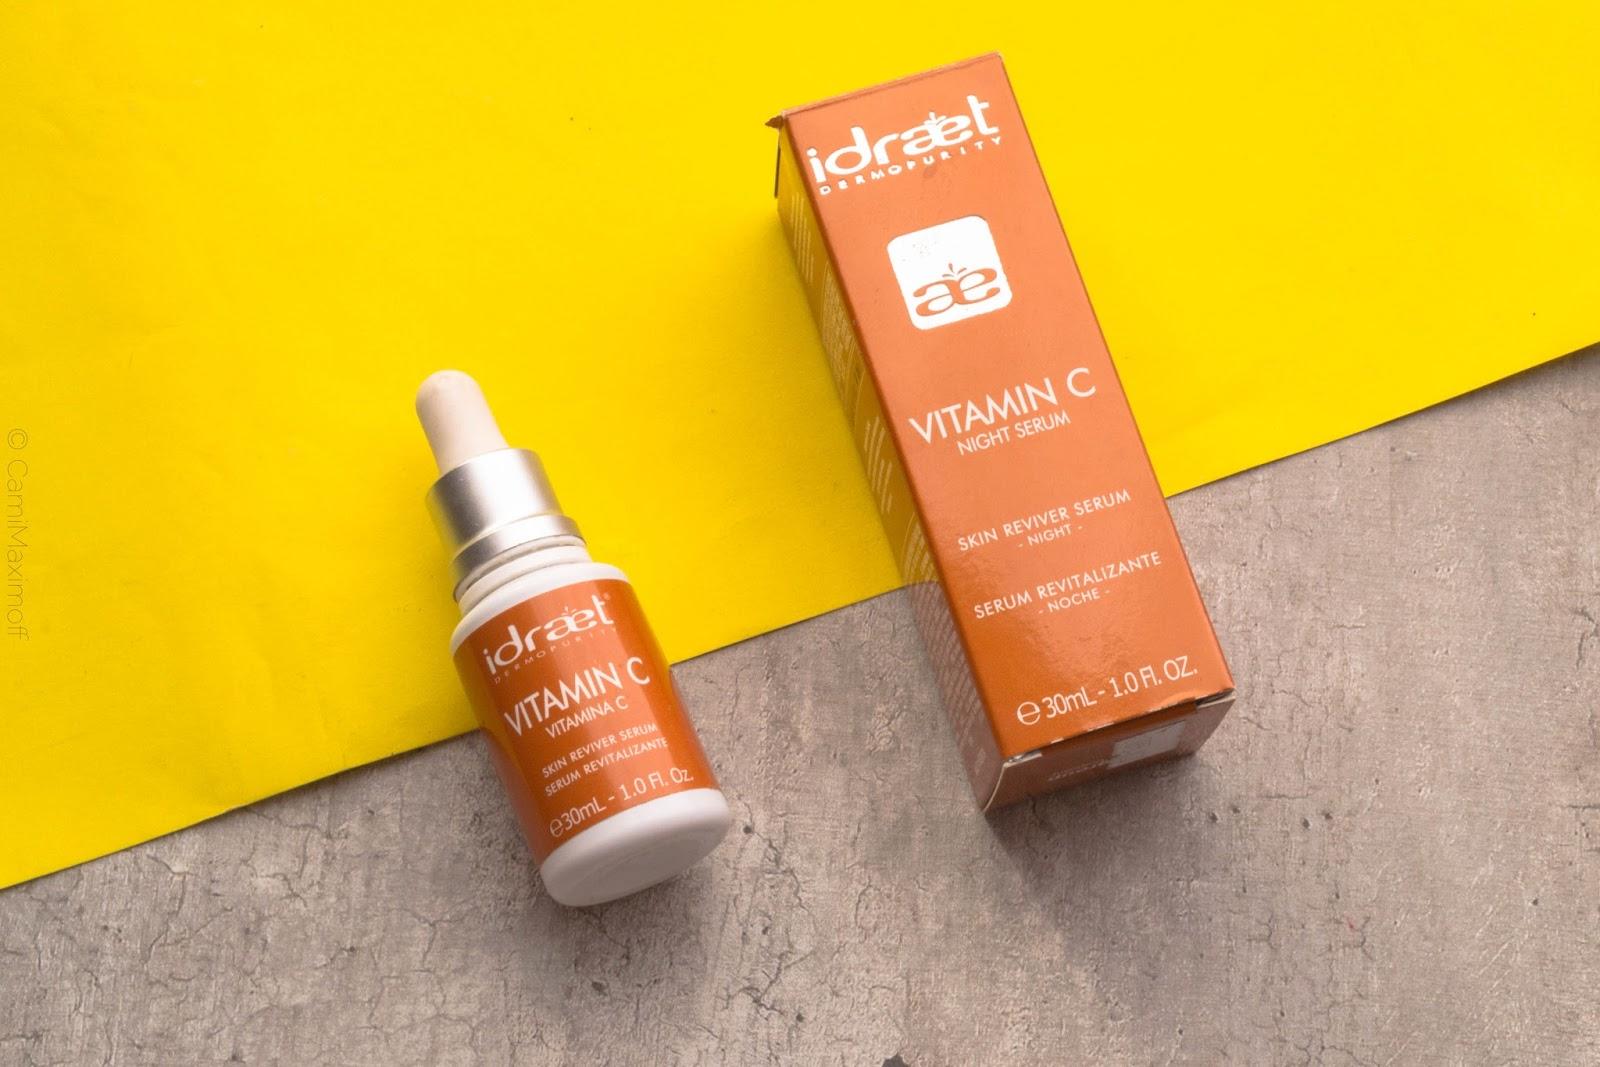 vitamina c idraet serum noche resultados